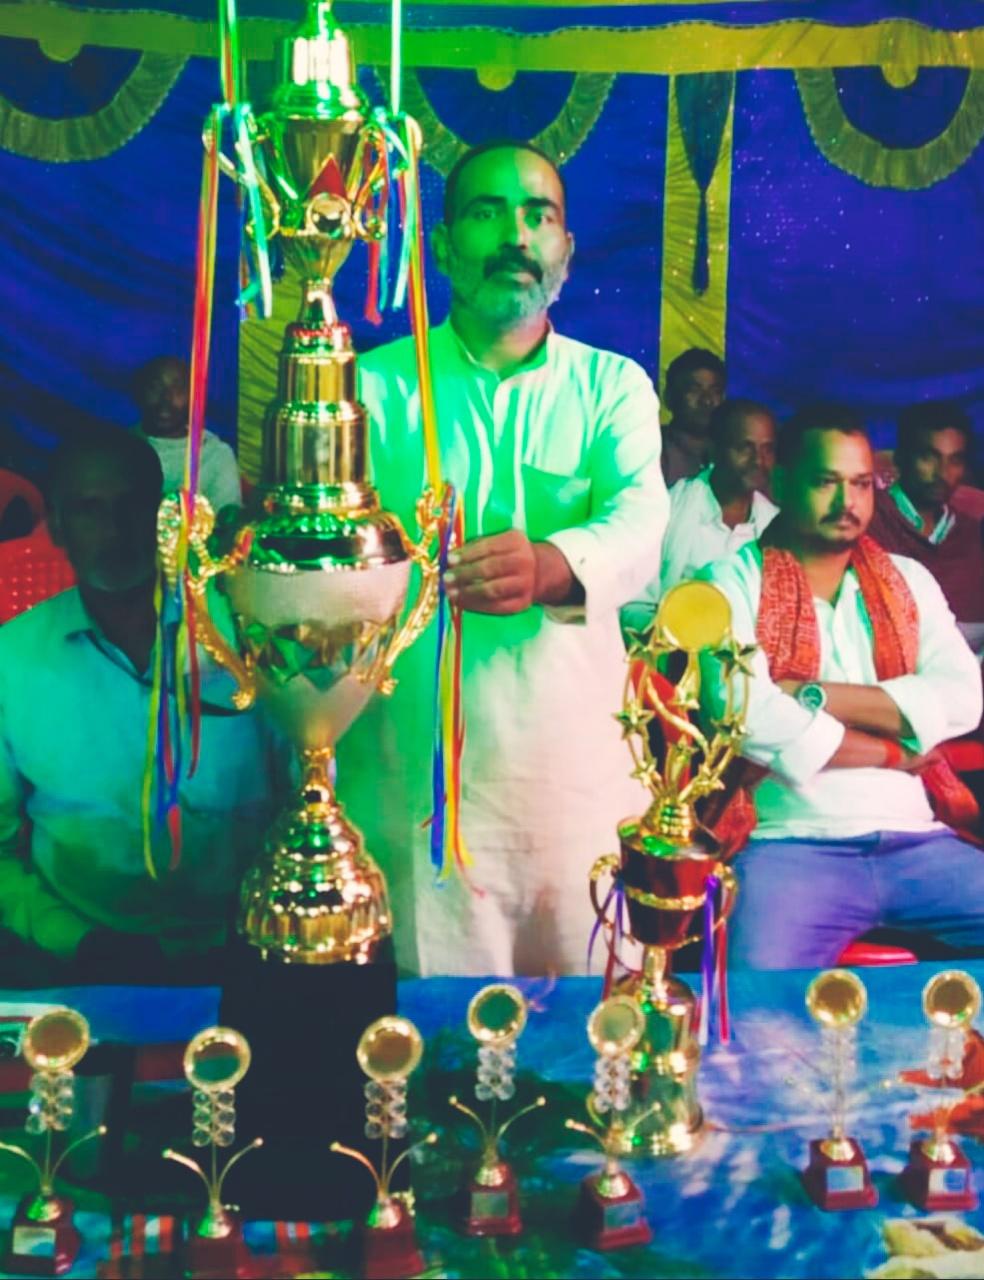 क्रिकेट टूर्नामेंट में 16 टीमों ने लिया भाग,दिऊल एकादश को हरा अभिमन्यु एकादश कप पर कब्जा जमाया